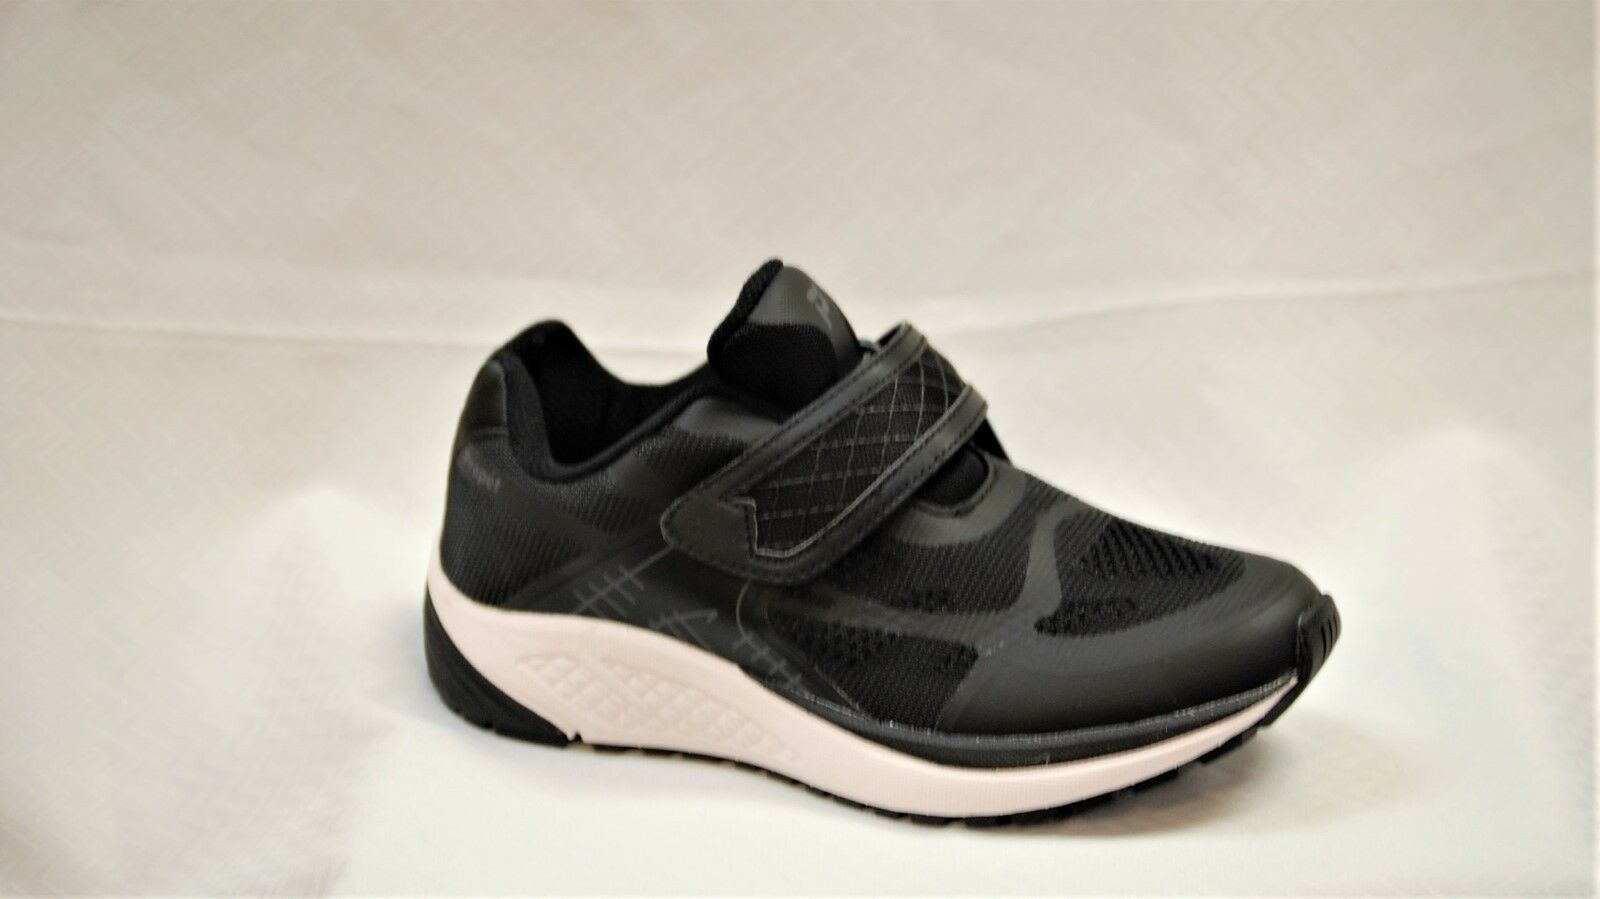 Propet One LT WAA023 Strap Women's Black Walking shoes Diabetic Approved 11 W